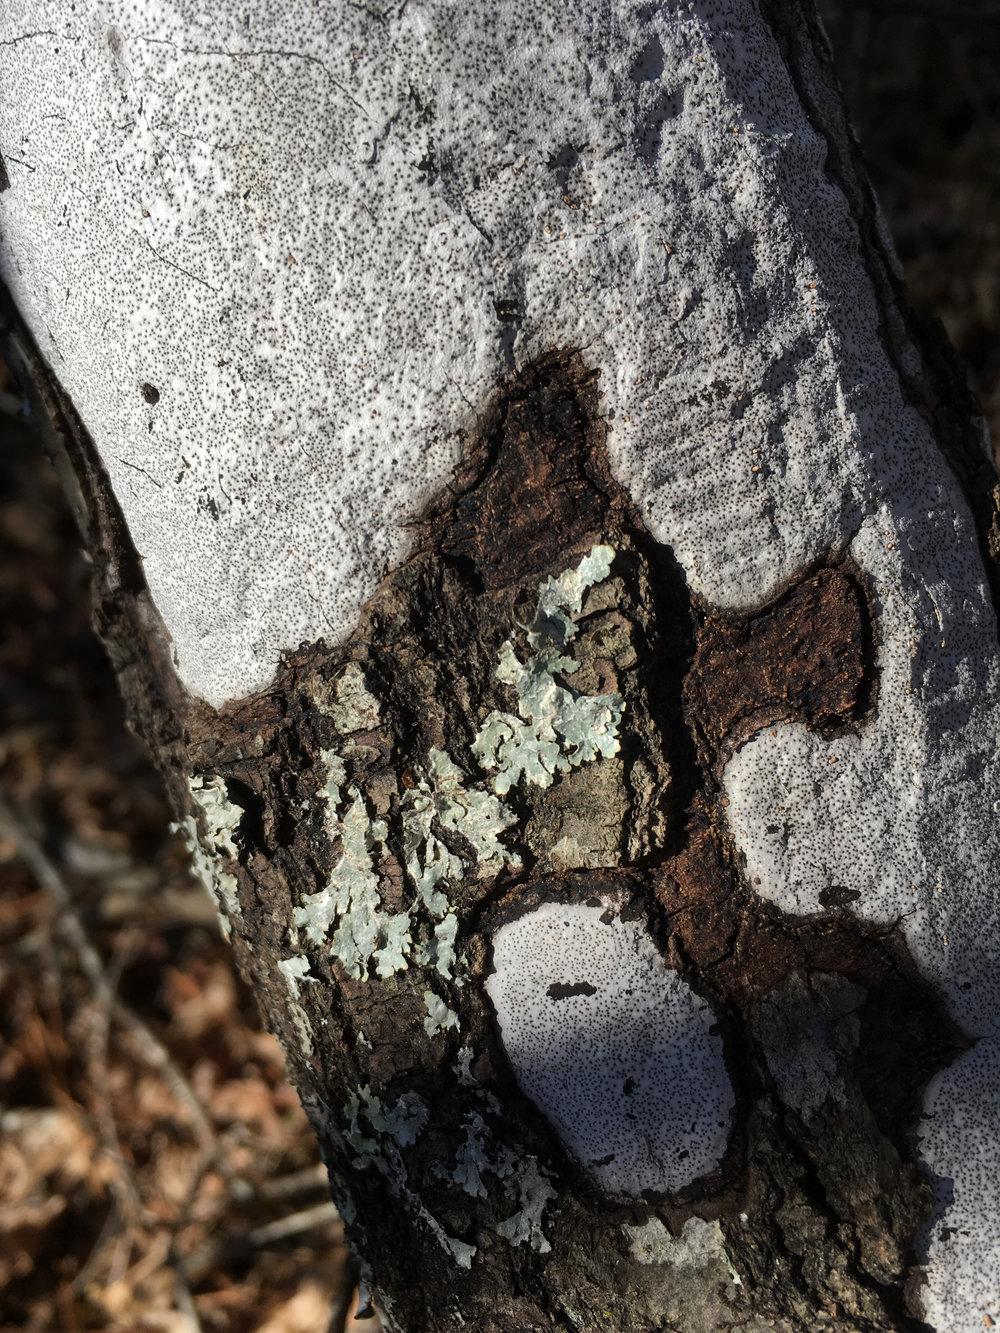 Biscogniauxia atropunctata